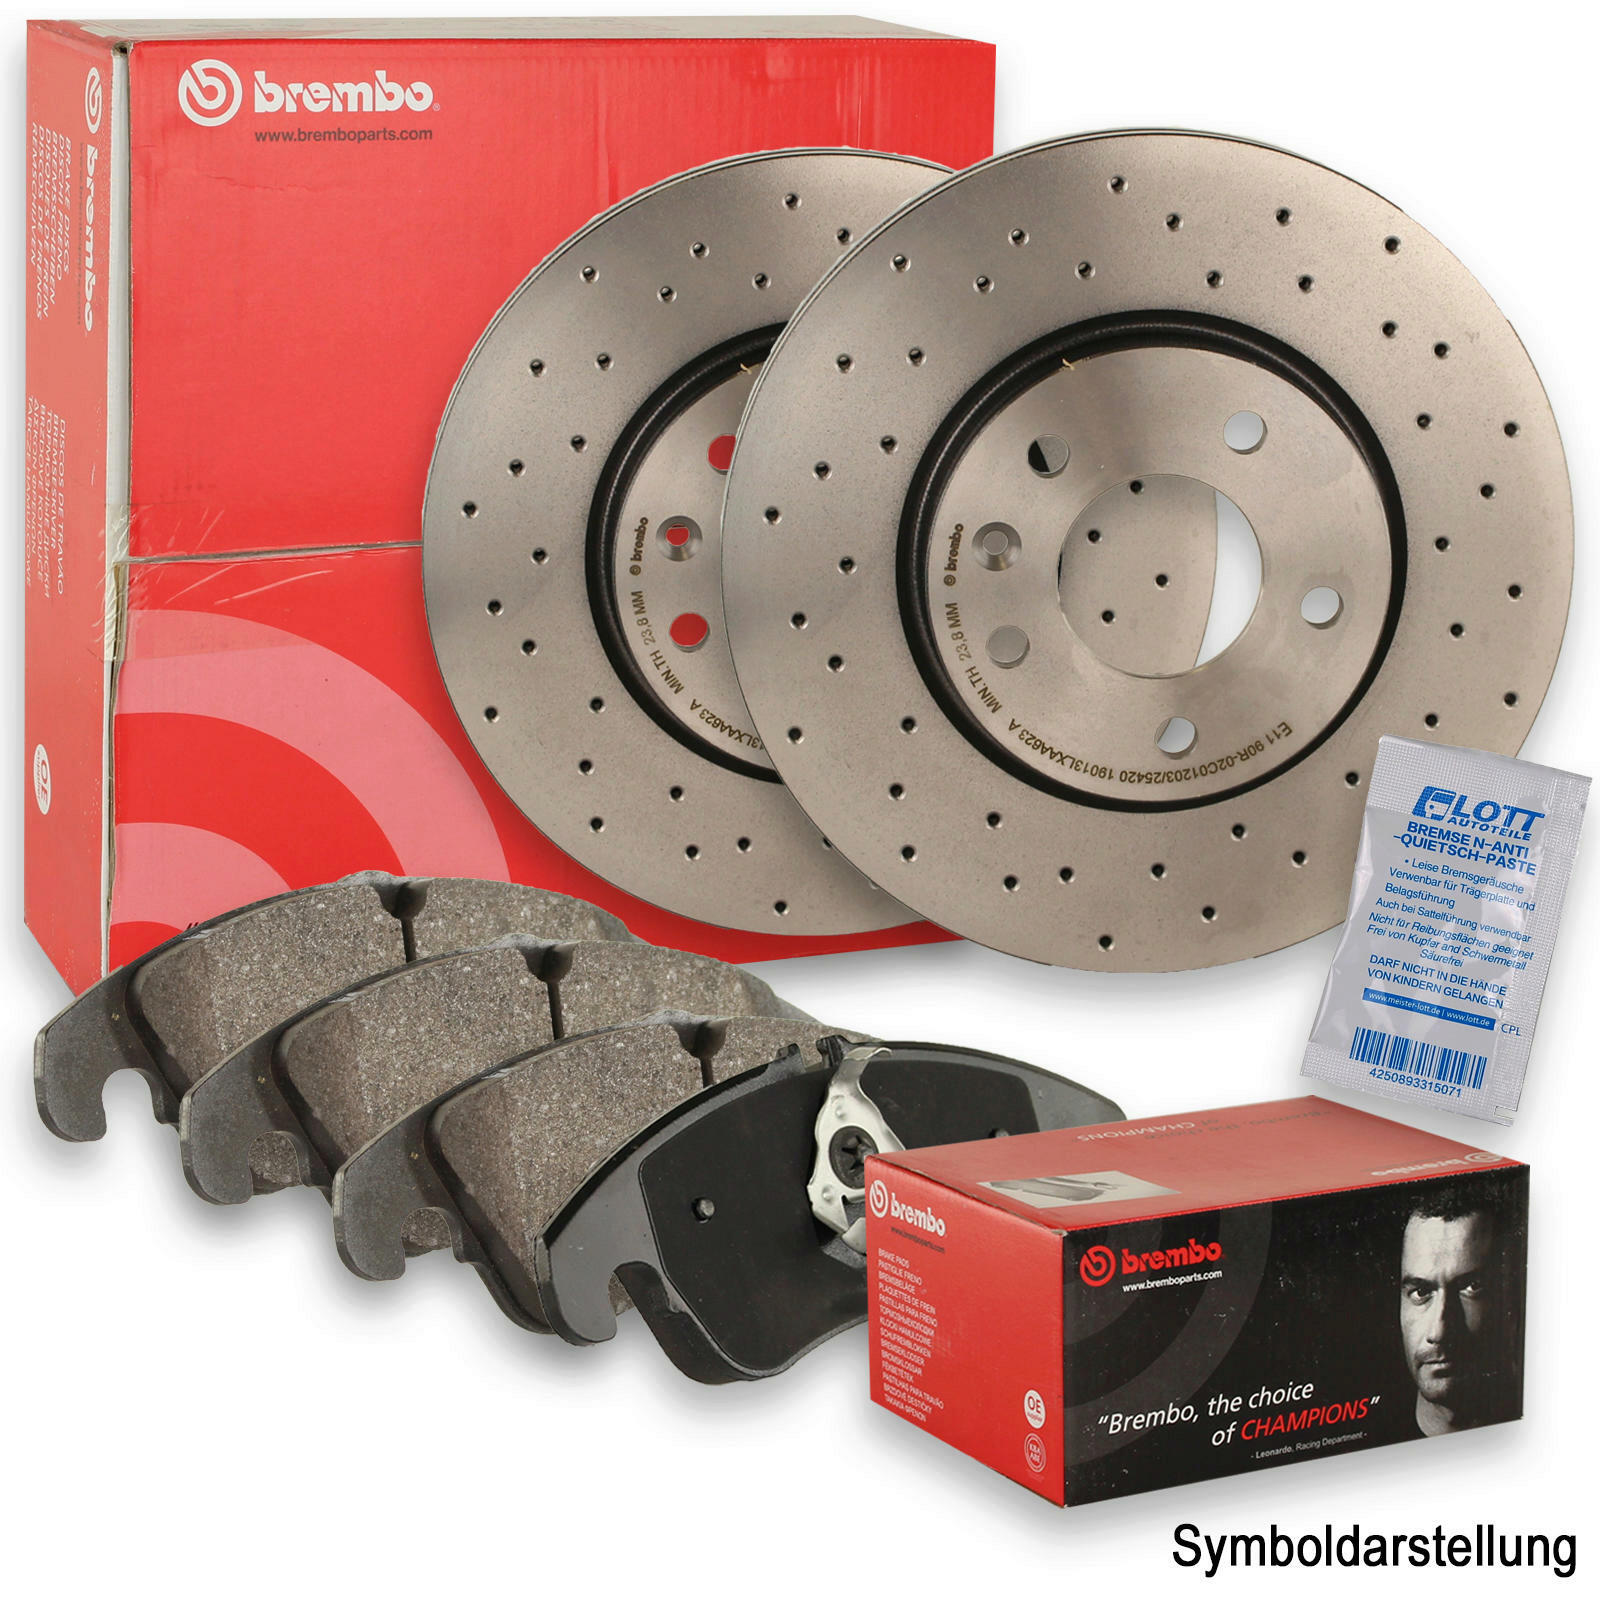 Brembo XTRA LINE Bremsscheiben gelocht + Brembo Bremsbeläge